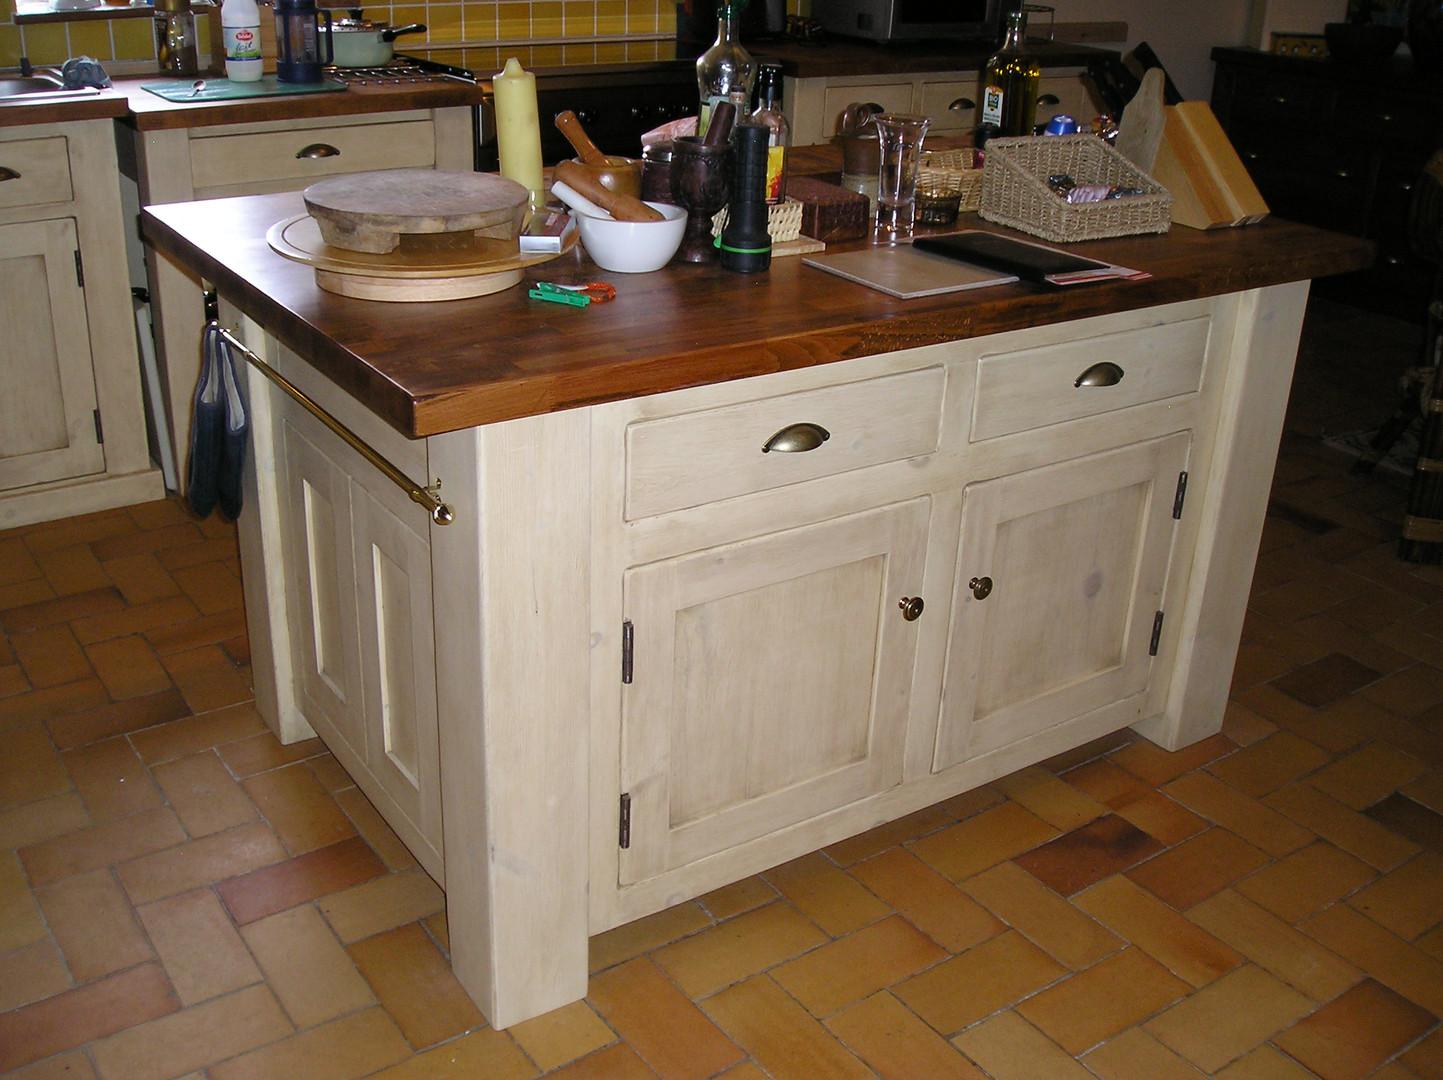 Jane's kitchen 23.08.06 007.jpg